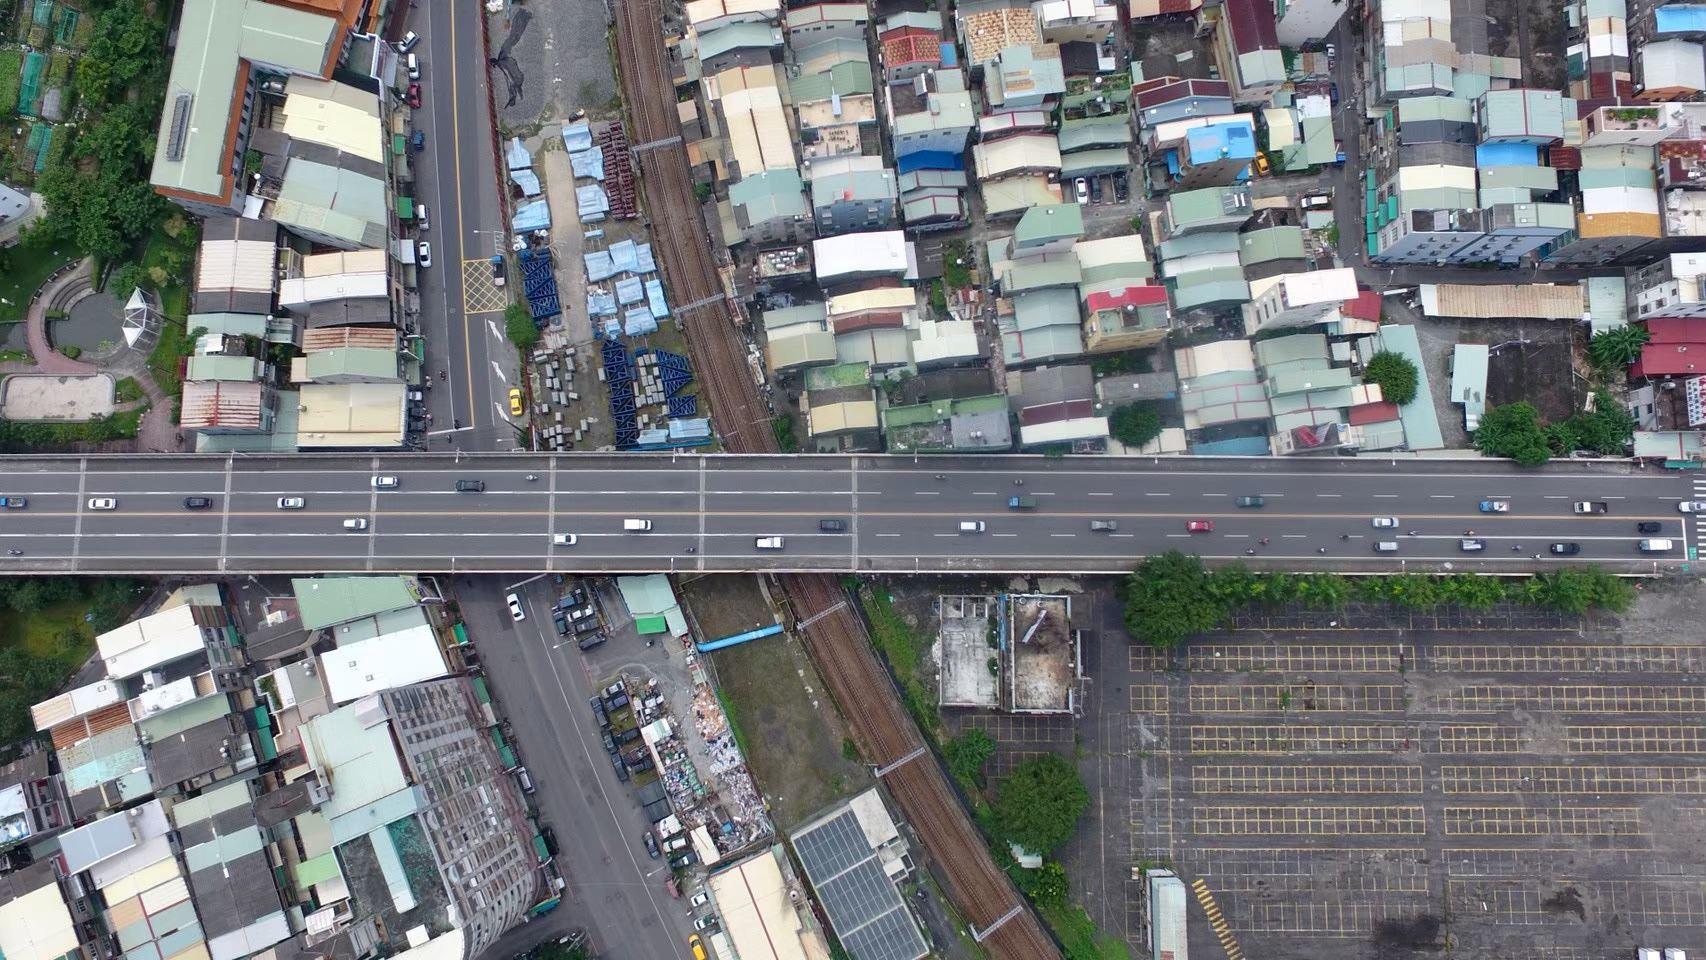 維新陸橋空拍照4.jpg